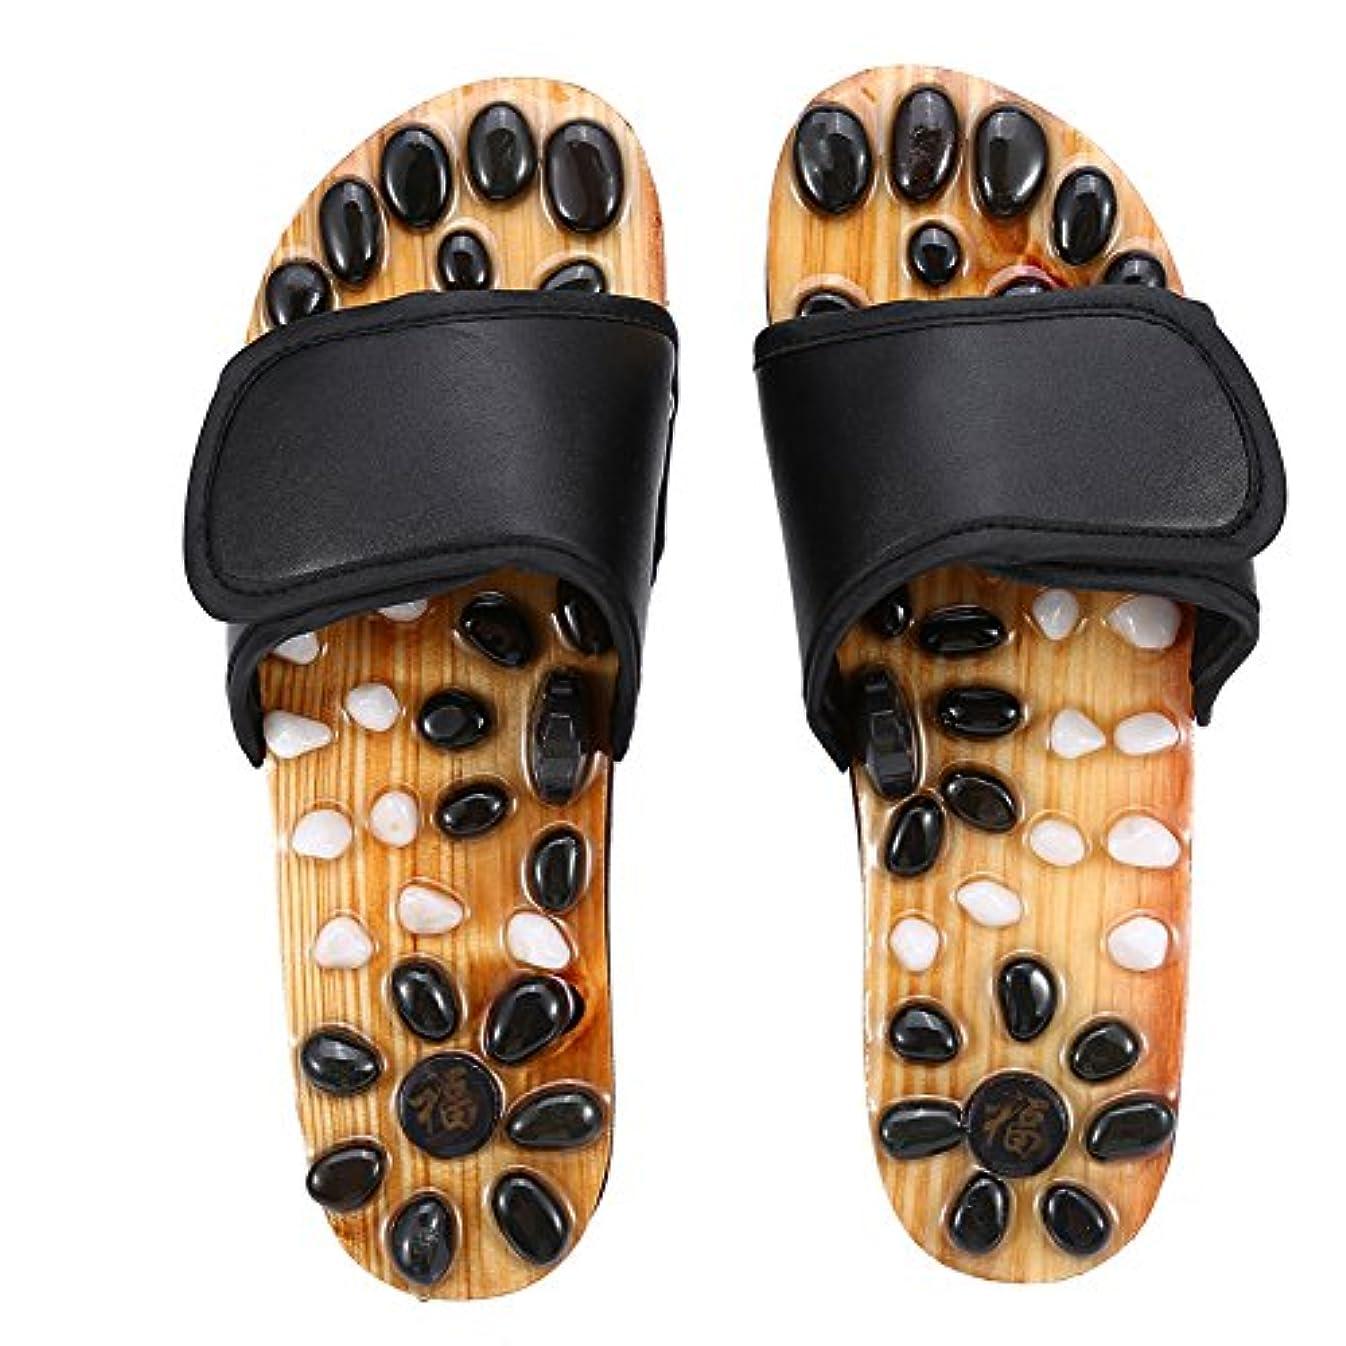 これら謙虚な市民権足マッサージスリッパ、リフレクソロジー足底筋膜炎ヘルスケアマッサージシューズ男性と女性のための足の痛みを軽減する (2# 38)